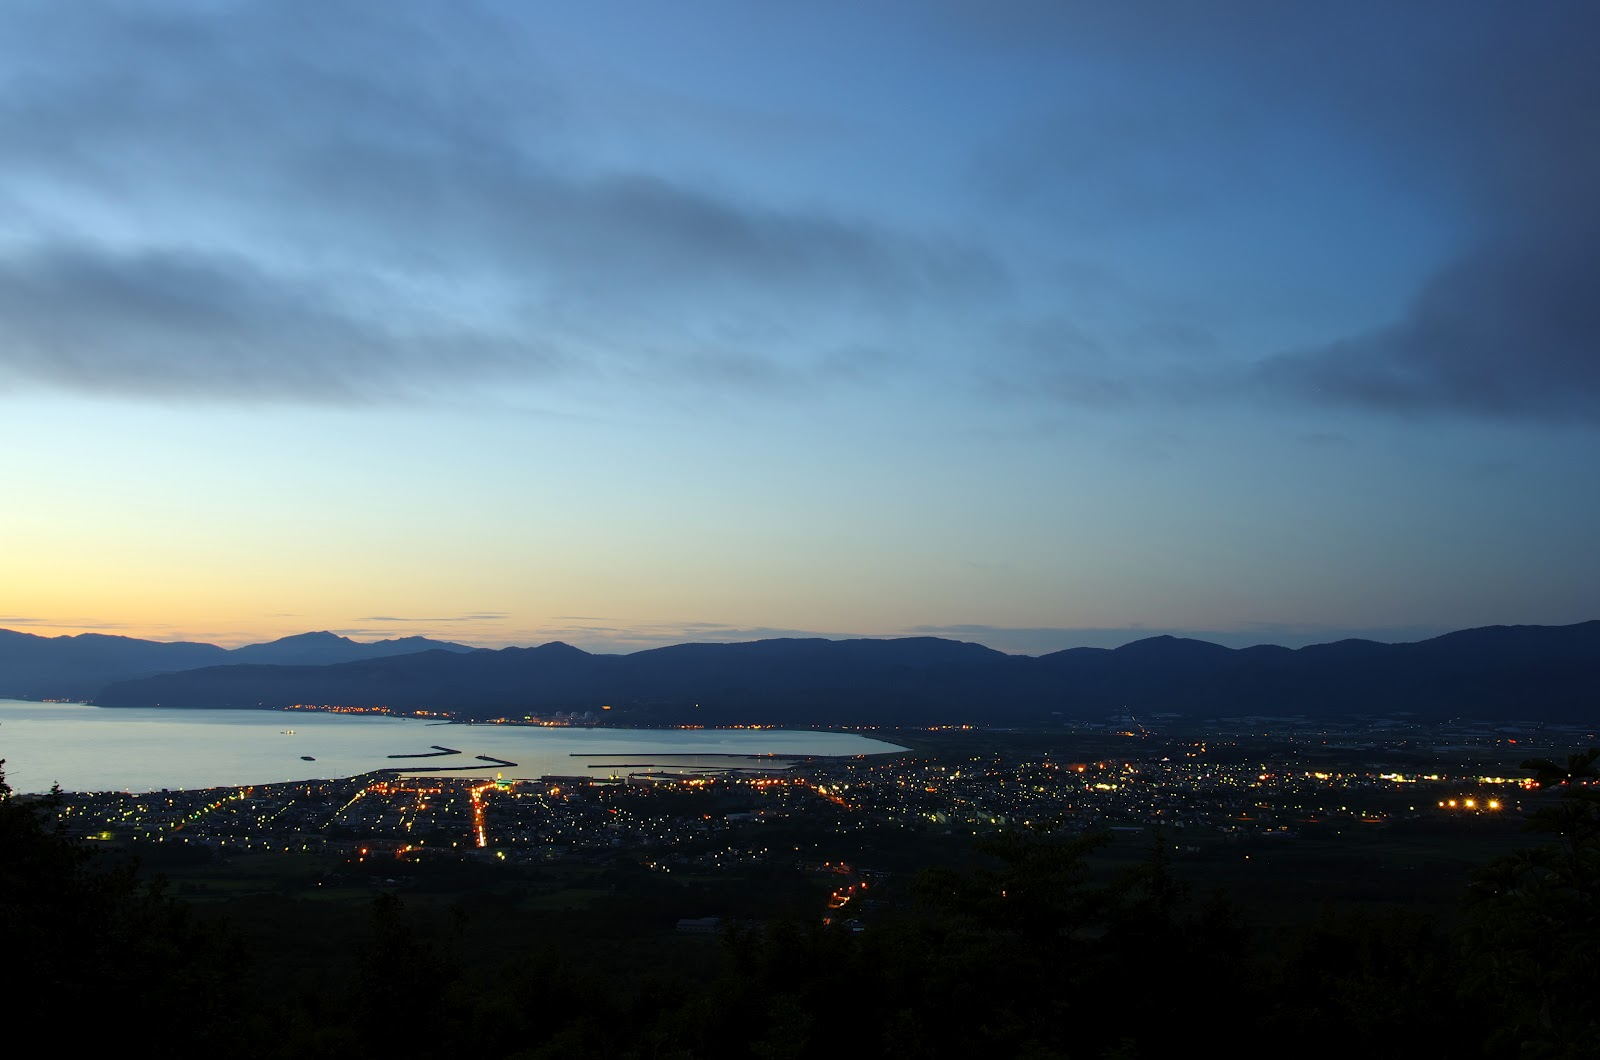 岩内町・円山展望台からの夕景②これが北海道4大夜景 | うんぱ ...